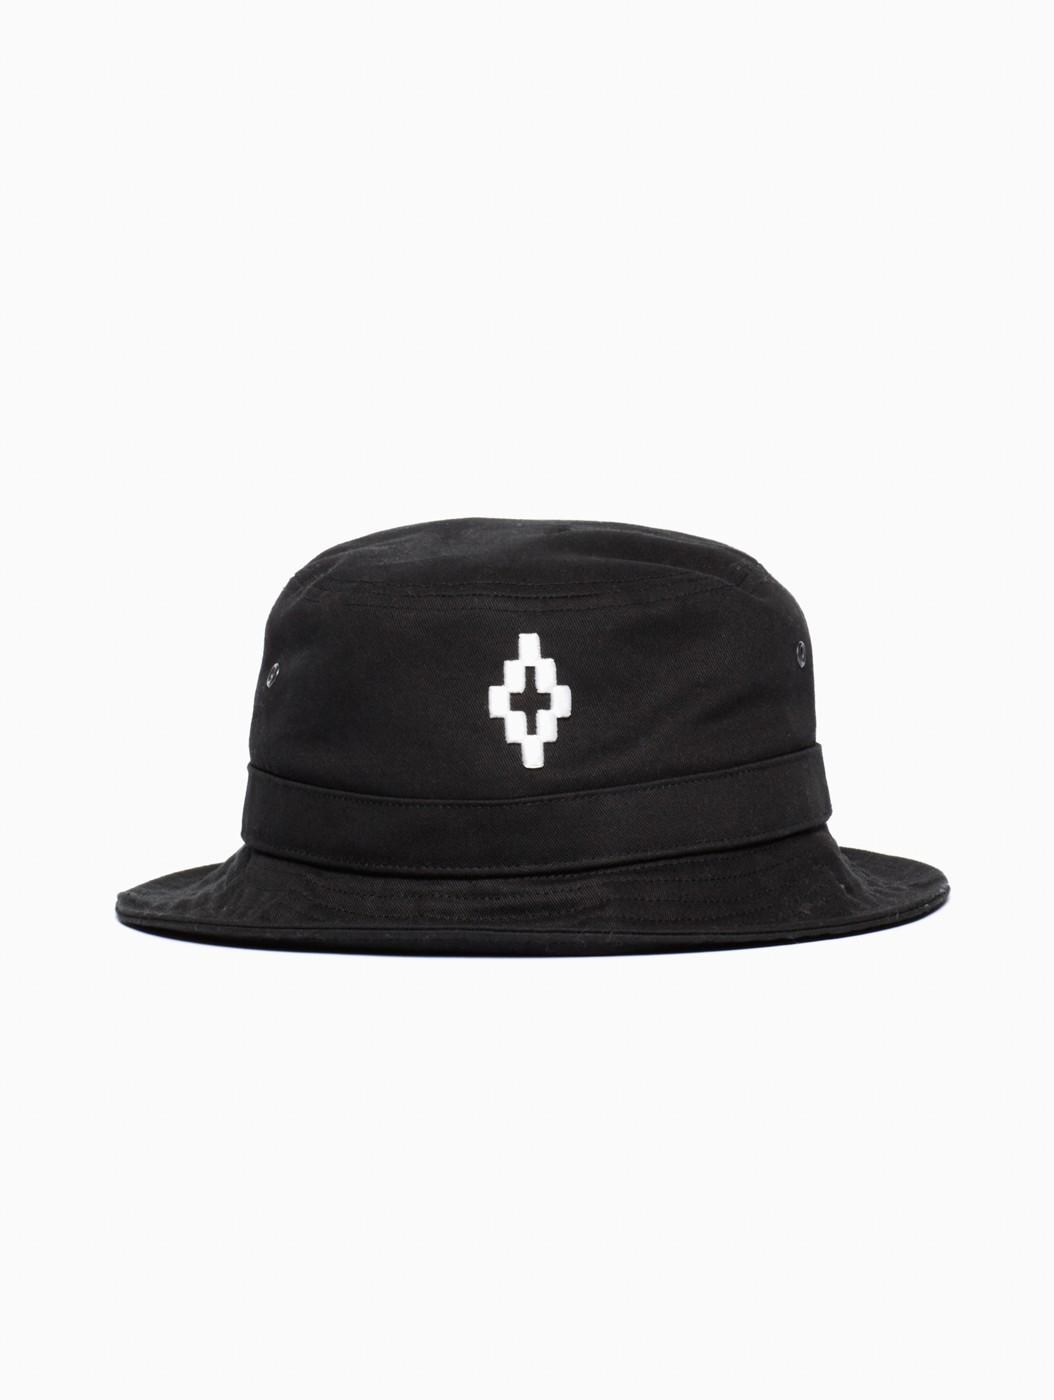 Lyst - Marcelo Burlon Cruz Bucket Hat in Black for Men 53b9e1b310d